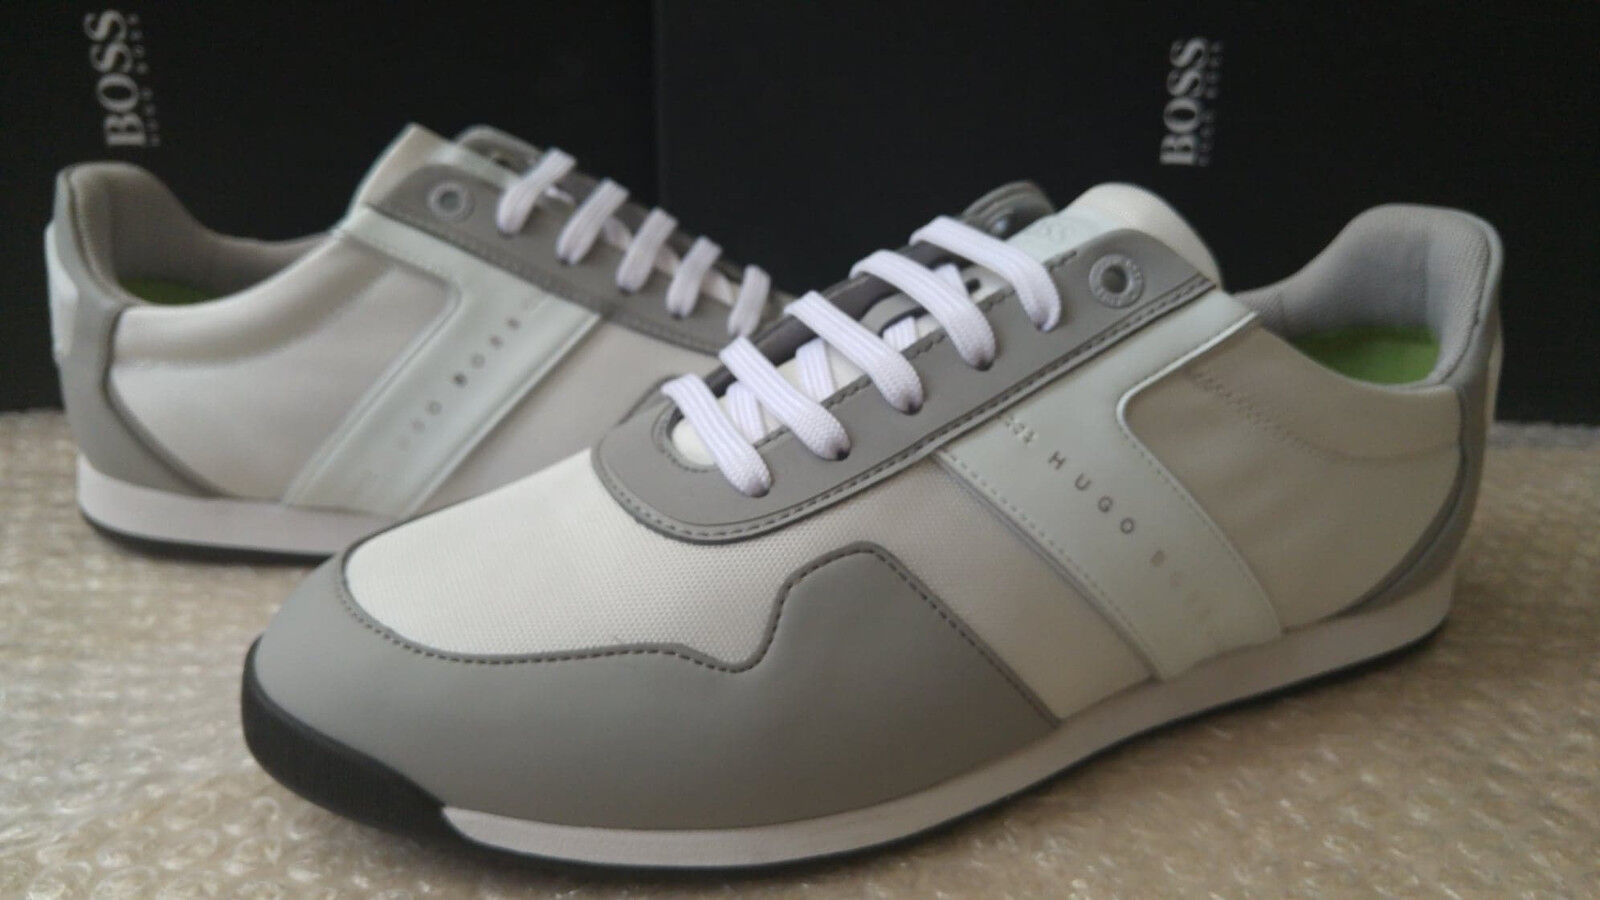 Hugo Boss Maze_Lowp_tech men's light grey trainers size 6UK (40EU)